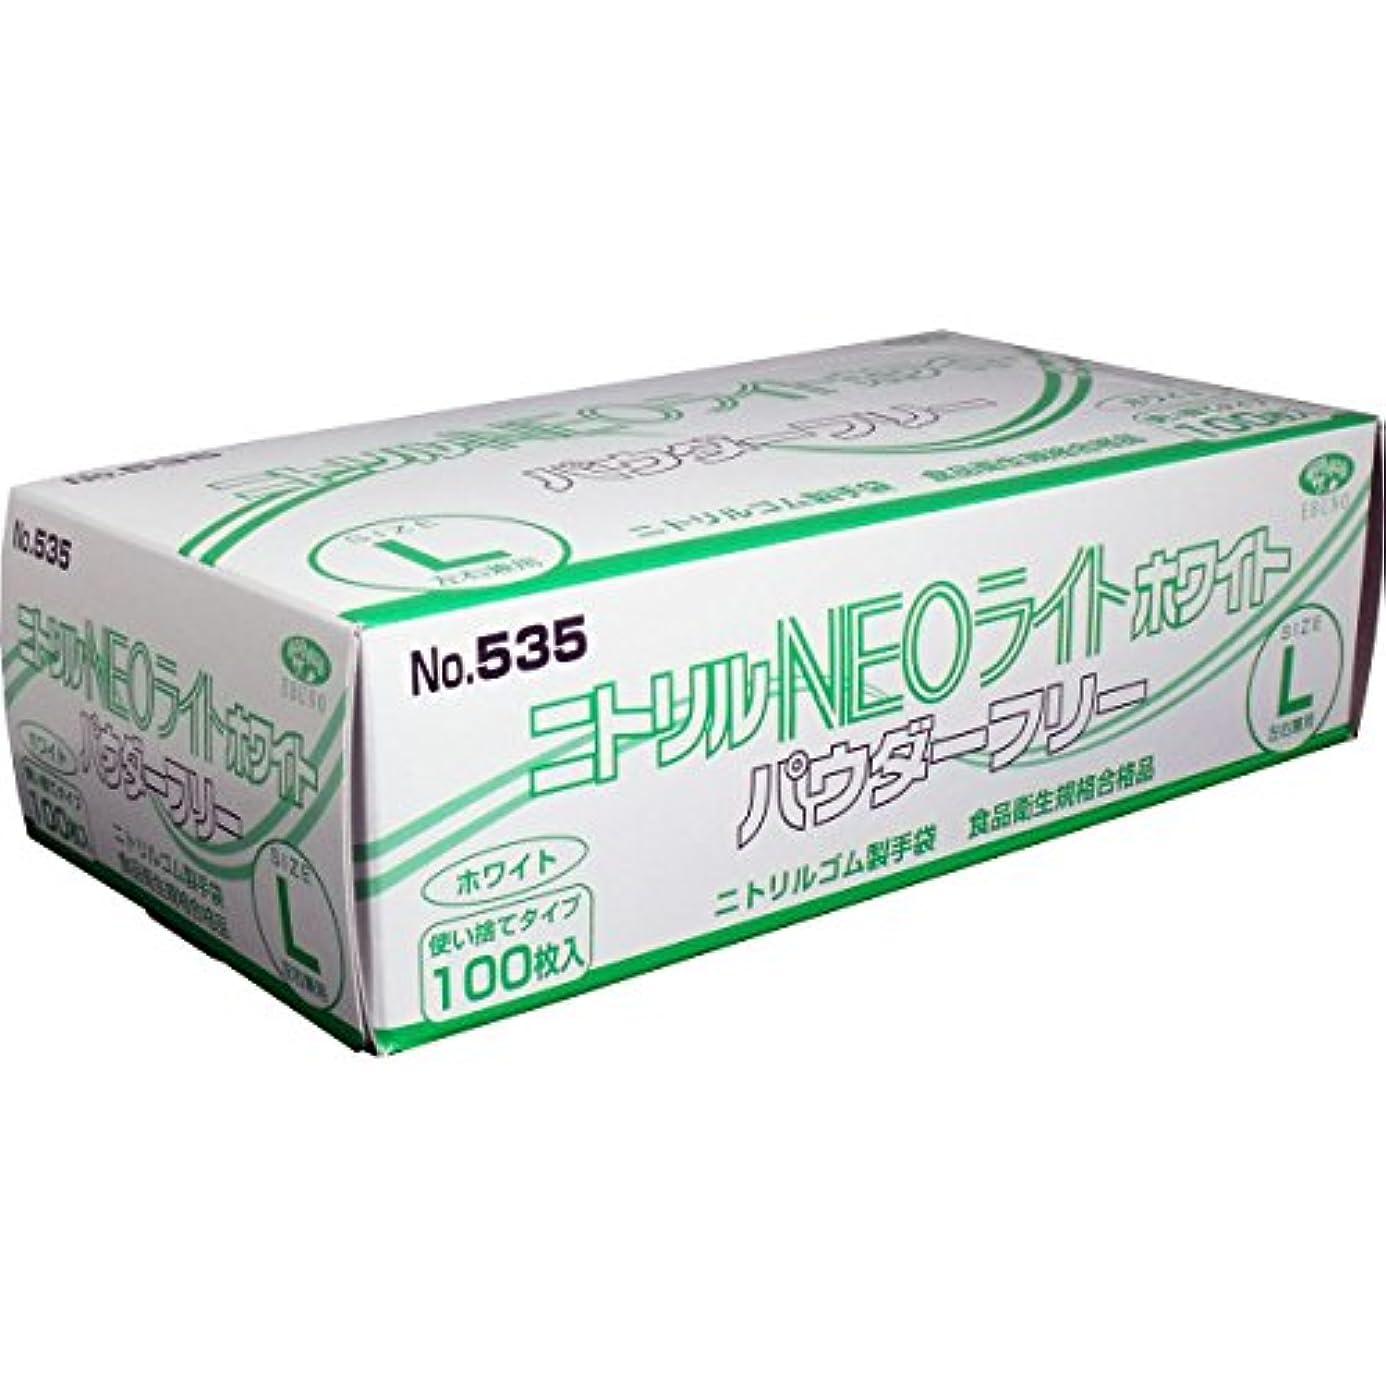 補償虎発動機ニトリル手袋 NEOライト パウダーフリー ホワイト Lサイズ 100枚入「4点セット」